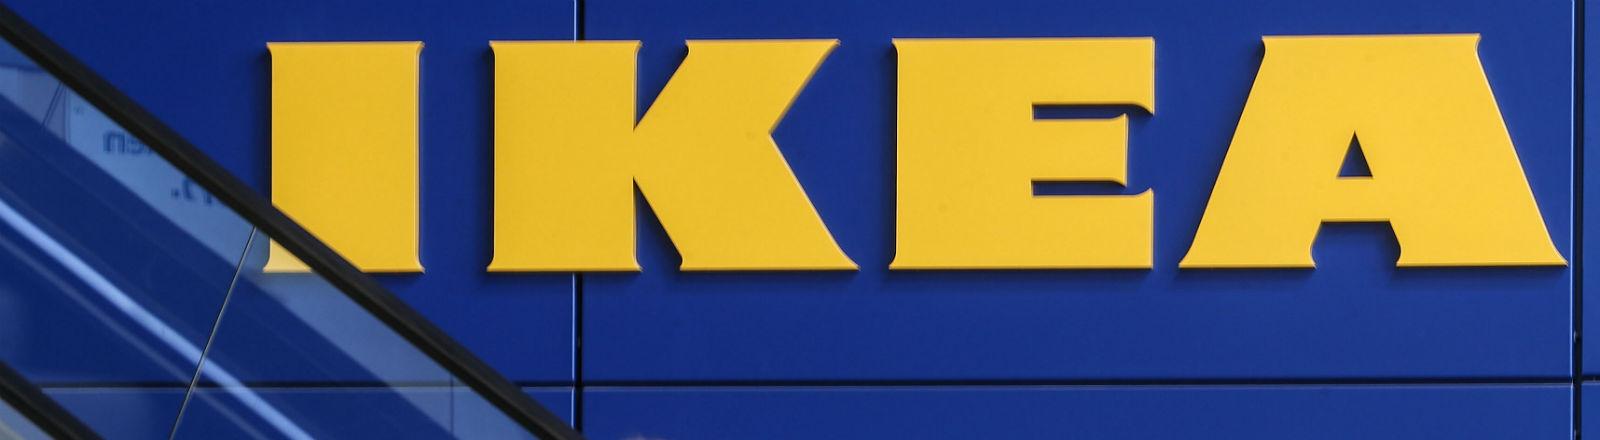 Zwei Frauen auf einer Rolltreppe blicken zum Ikea-Schriftzug hoch. Bild: dpa